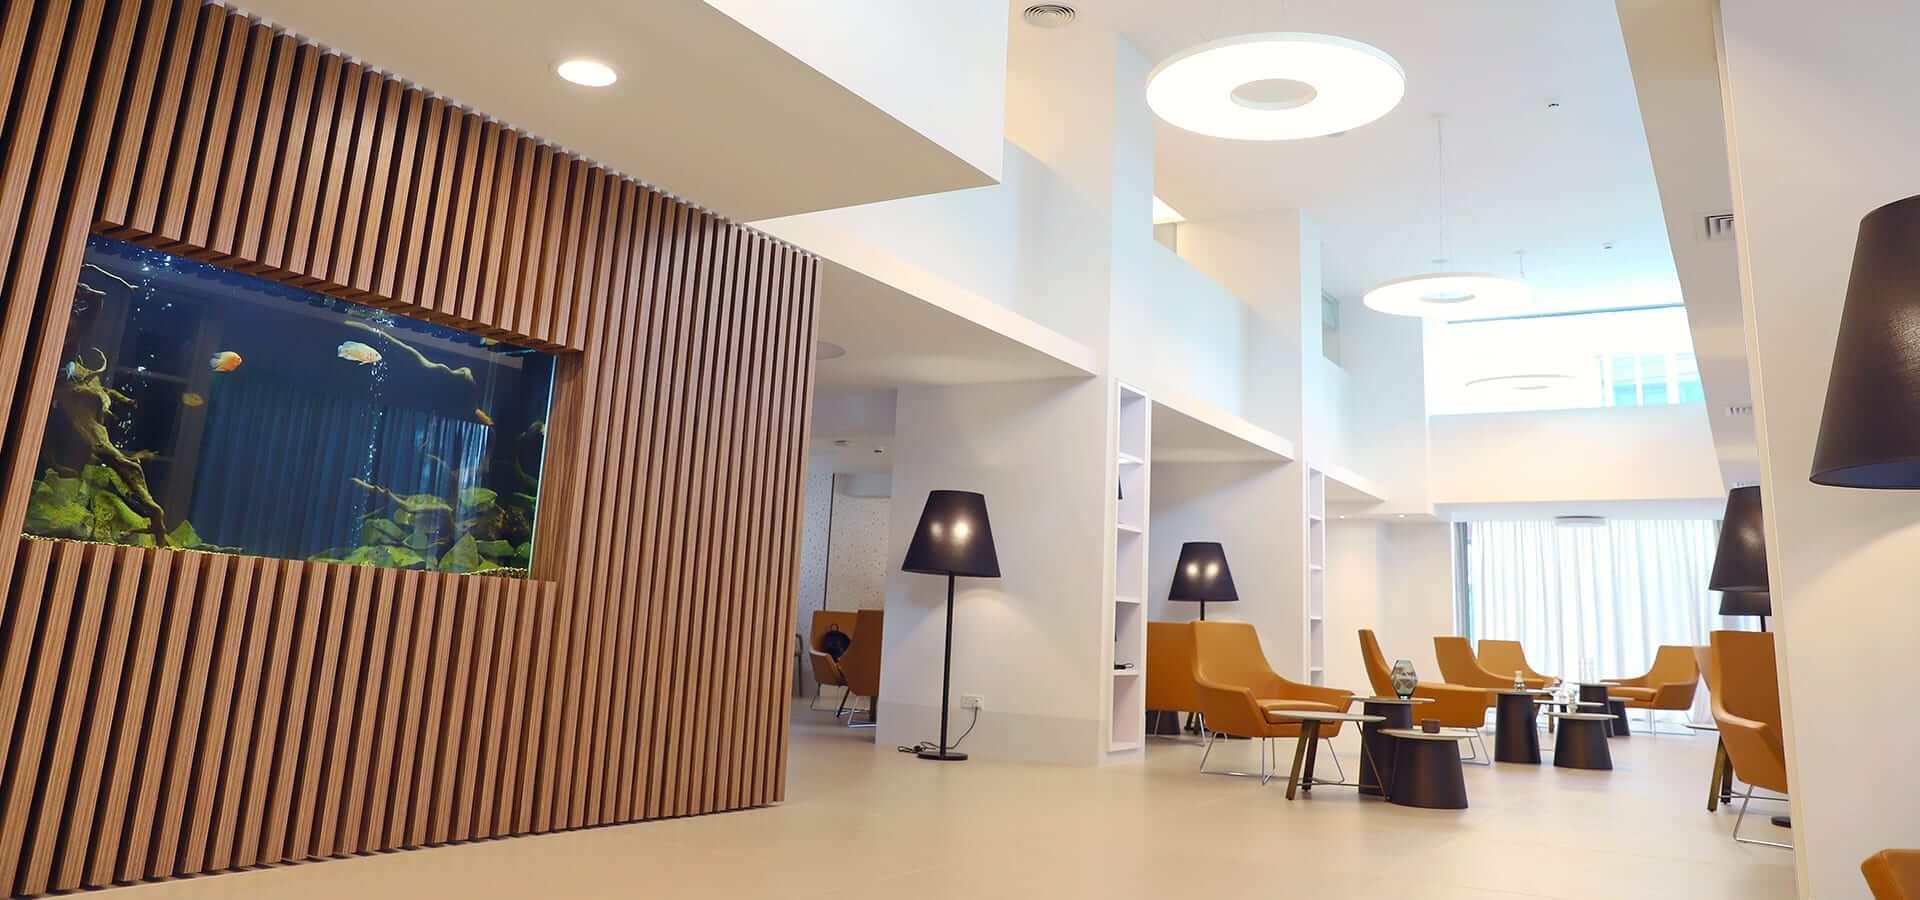 Nicosia Rehabilitation Center 02